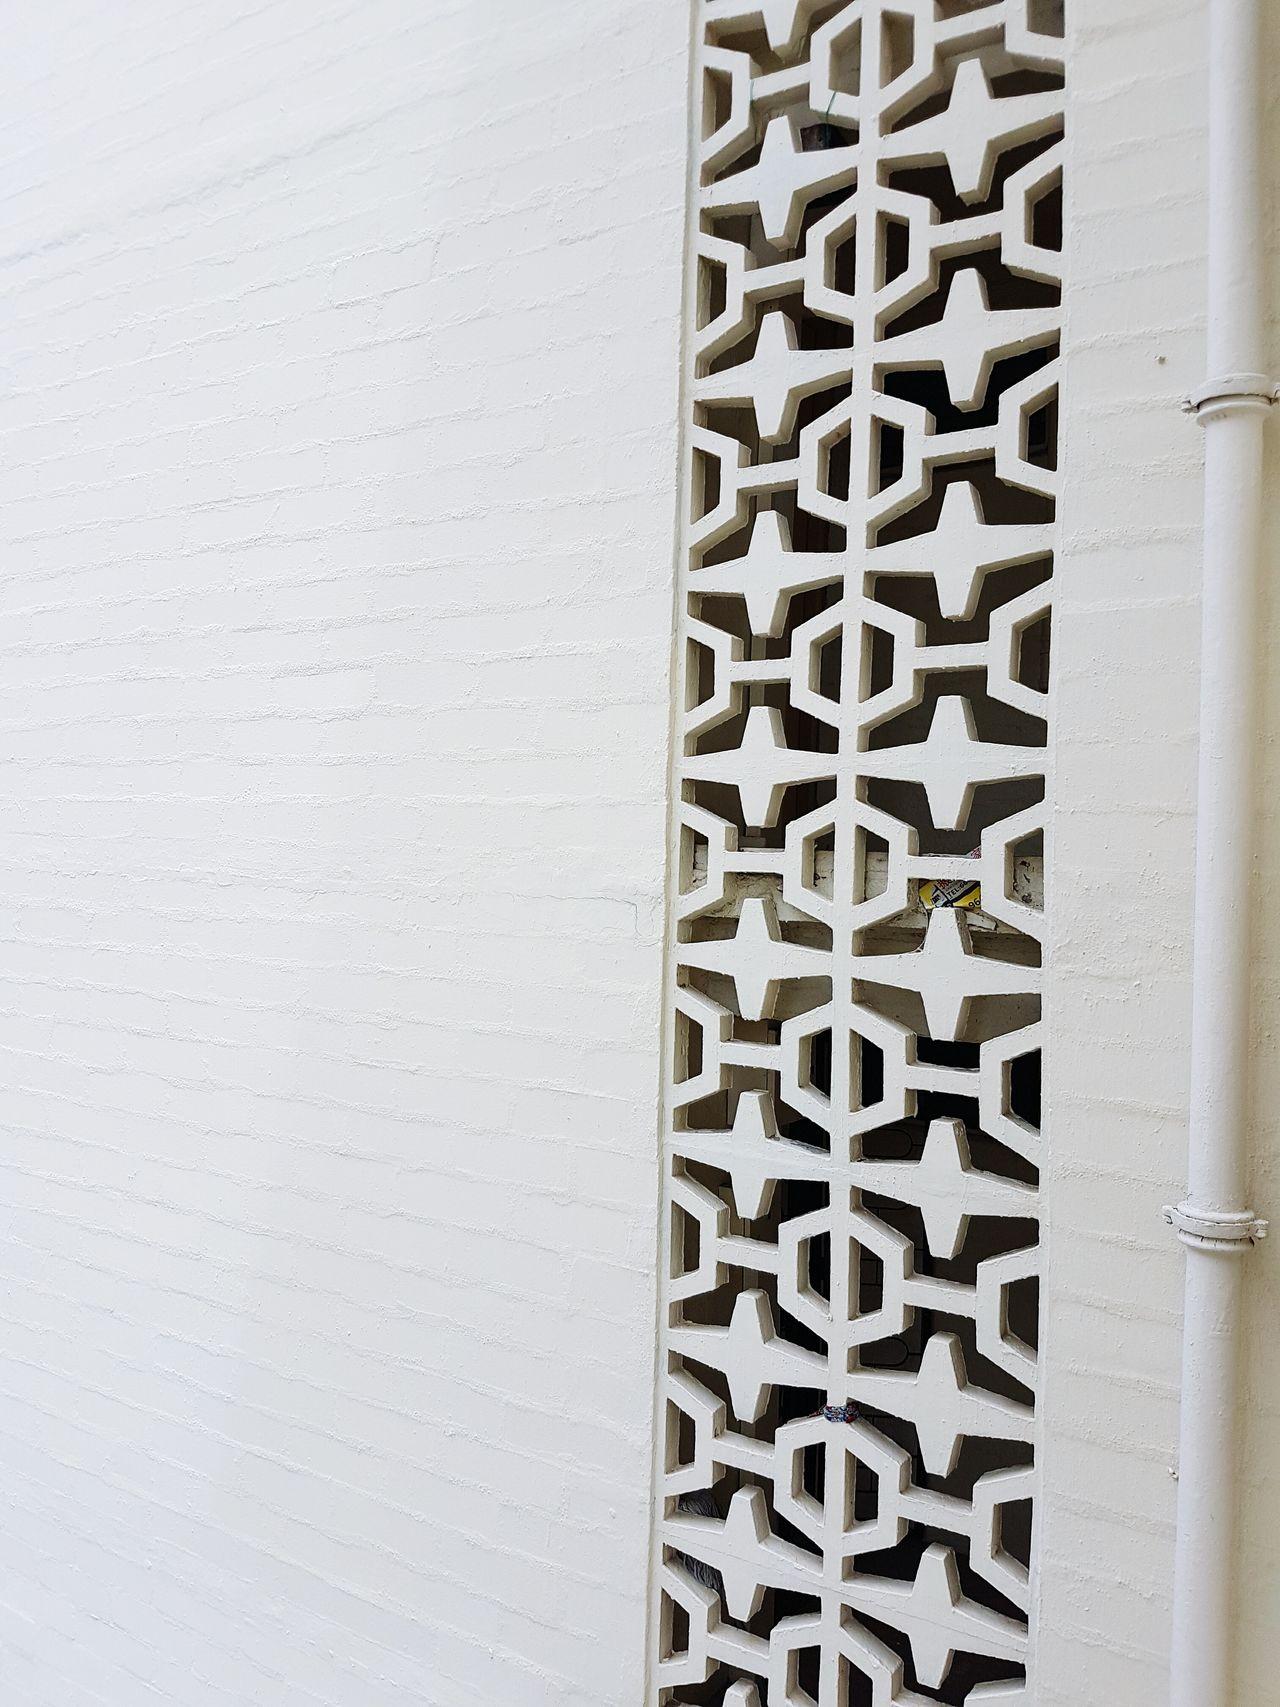 Facade Detaildakotacresent Facade Building